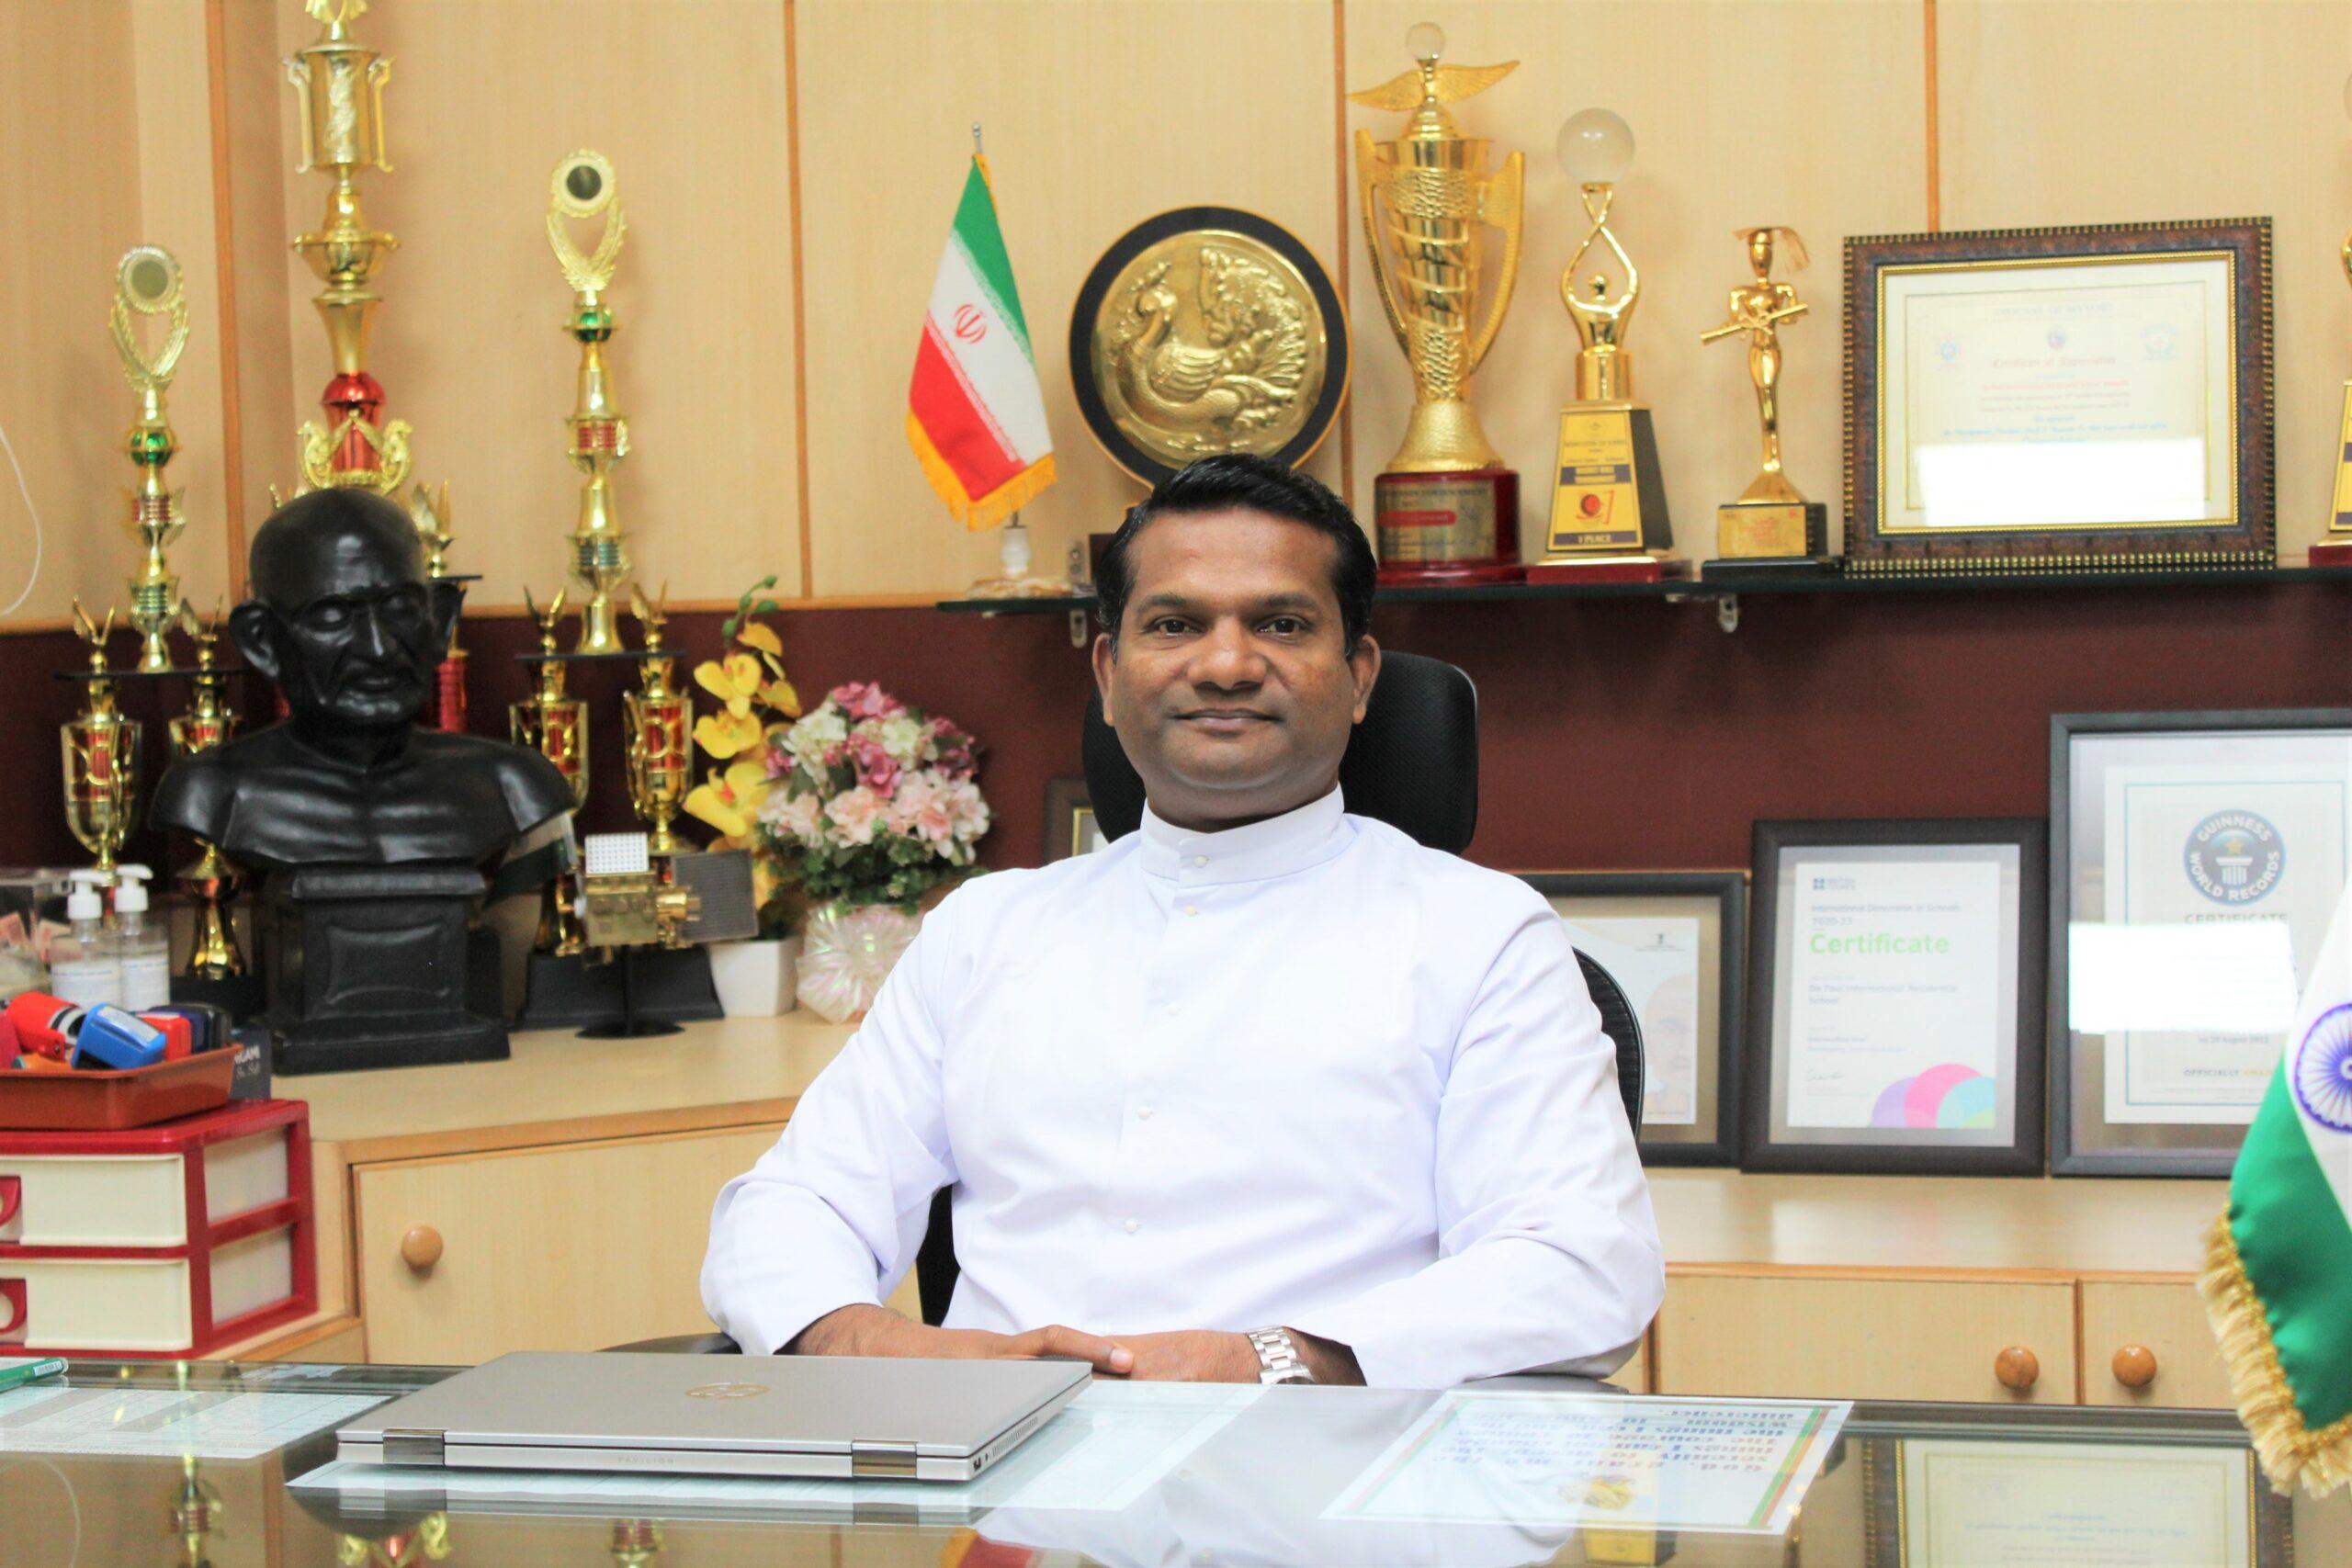 Fr Biju Scaria CM